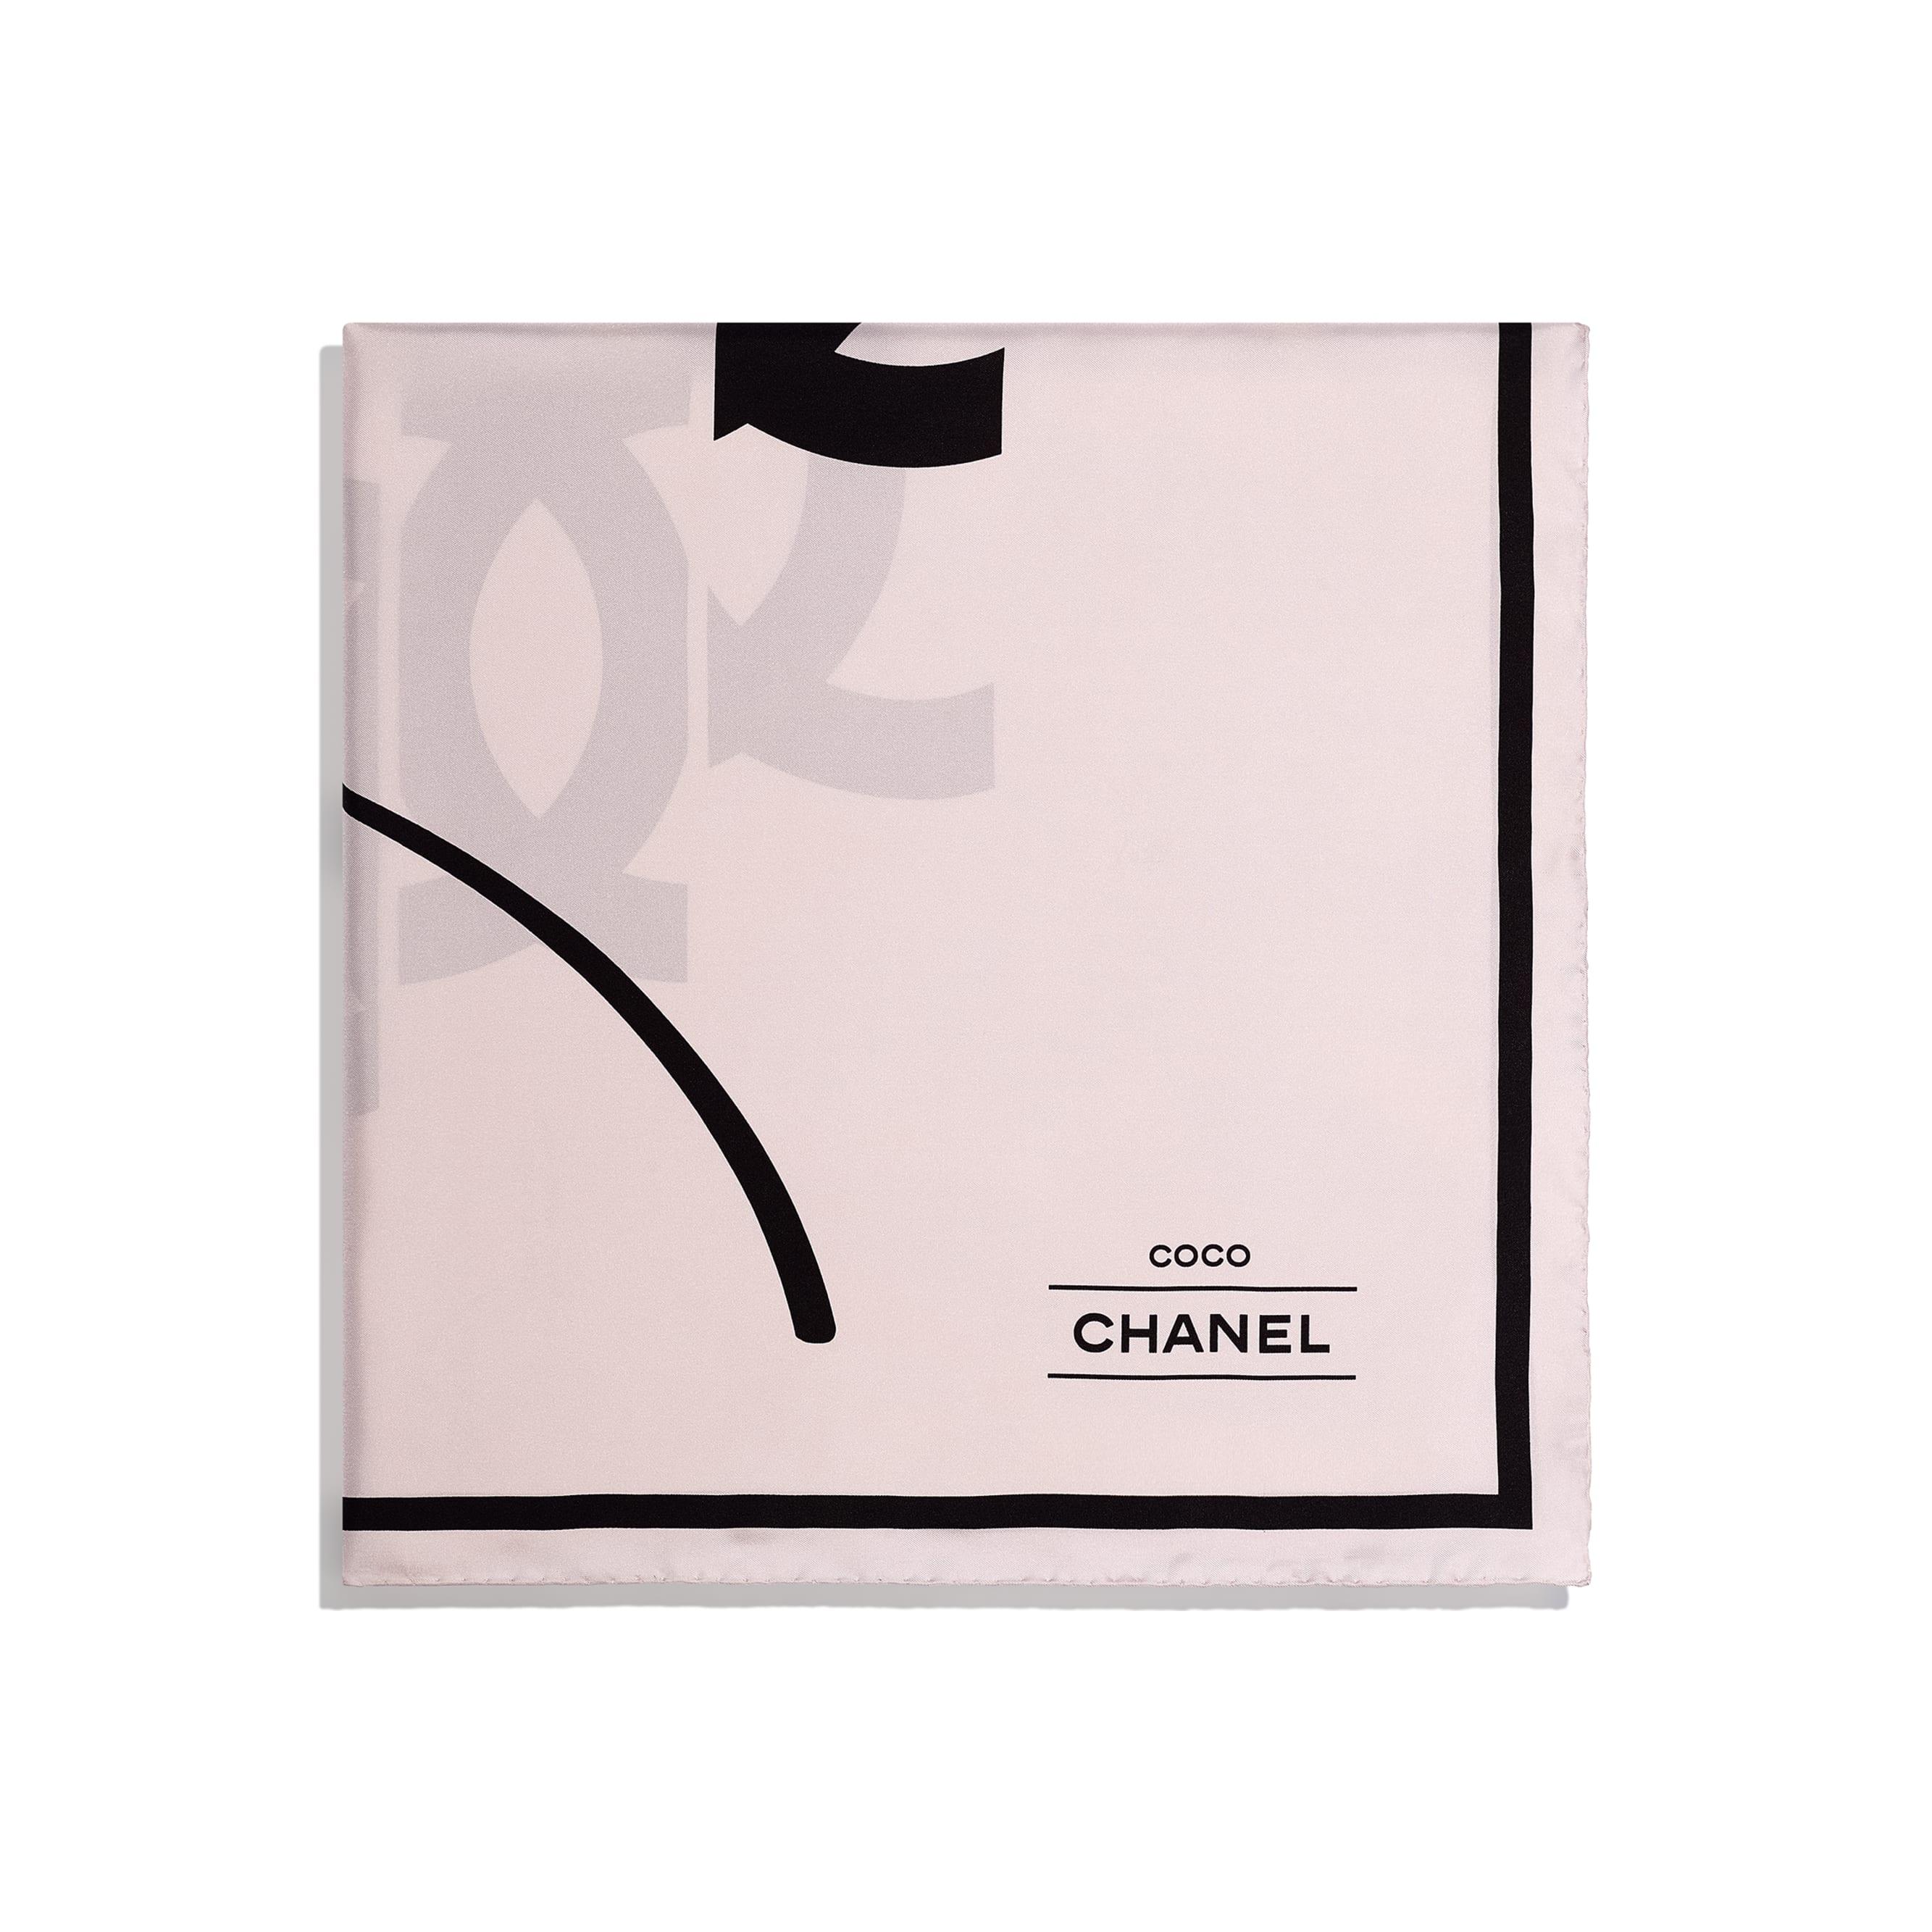 方巾 - 淡粉紅 - 真絲斜紋布 - CHANEL - 替代視圖 - 查看標準尺寸版本